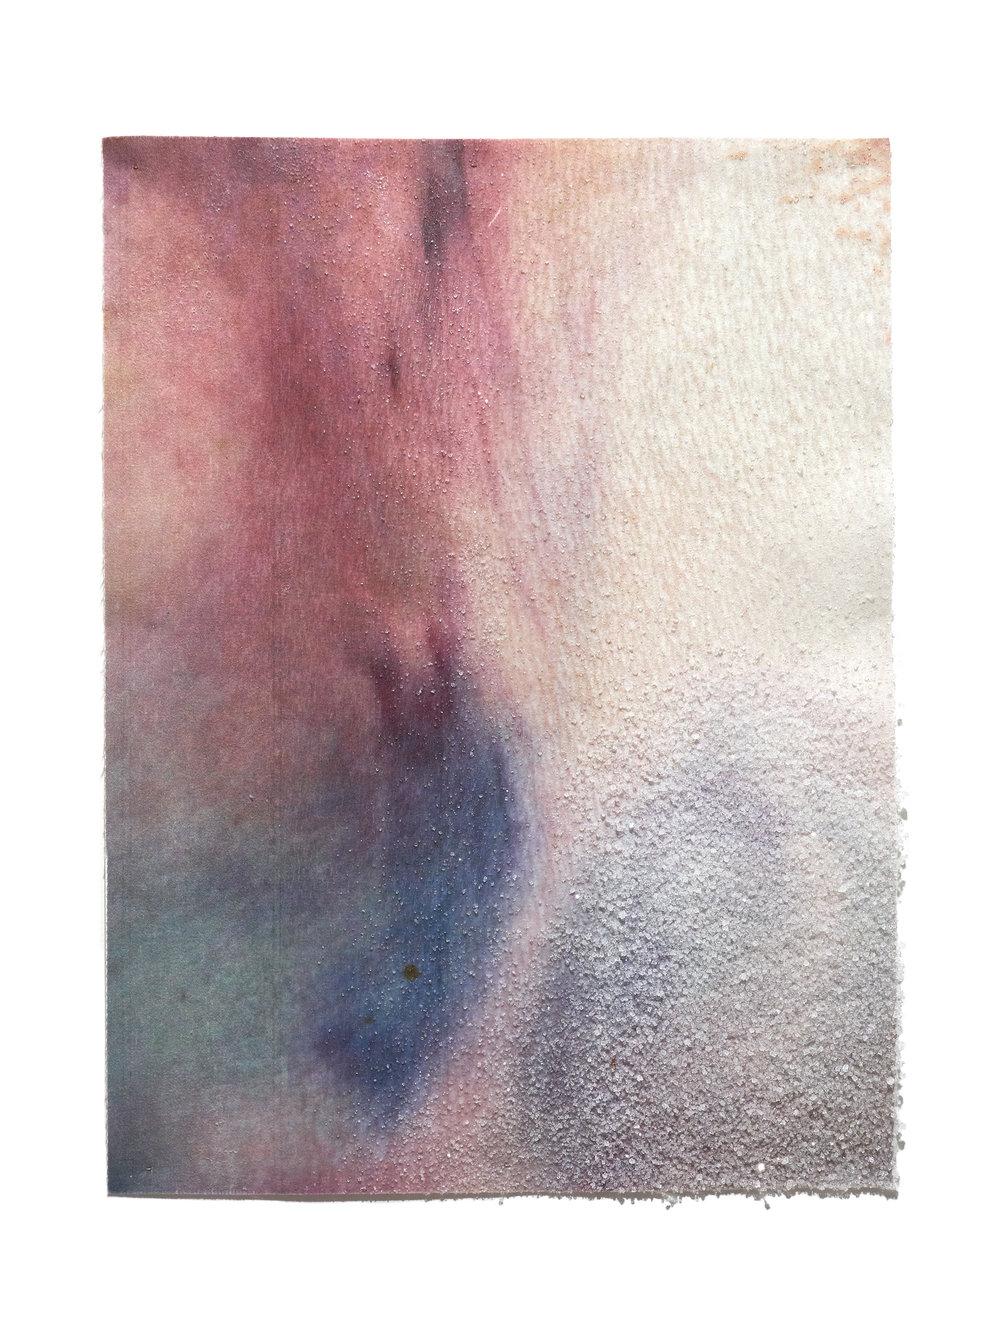 Blushing Bruising X